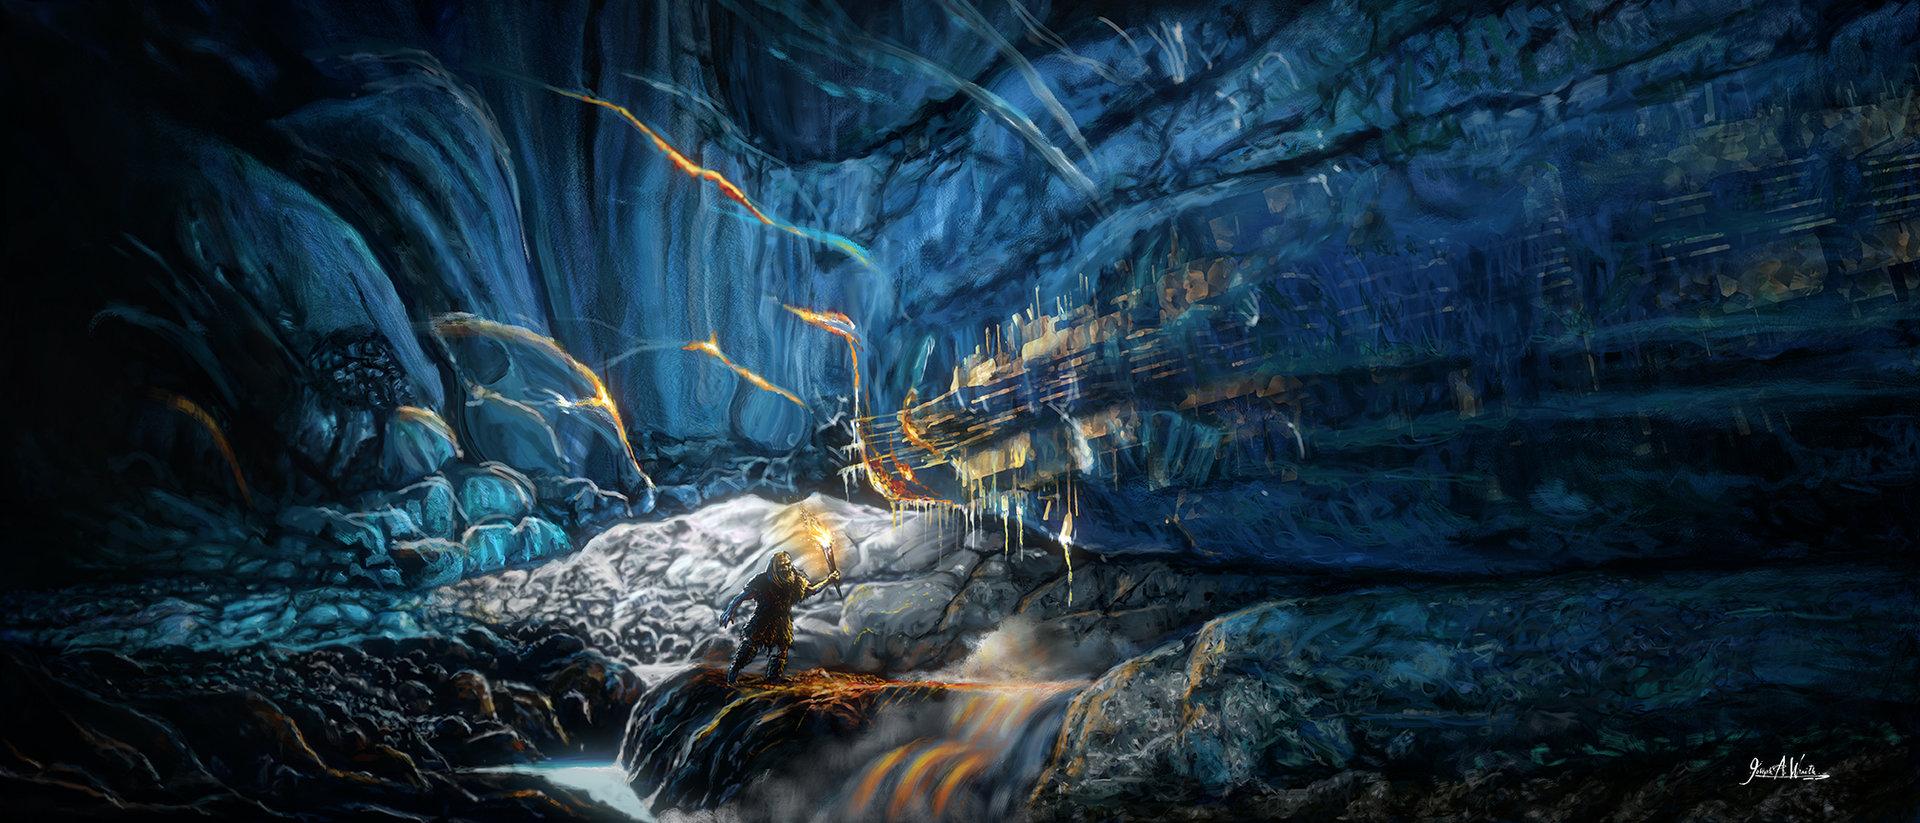 Joseph wraith icecave med